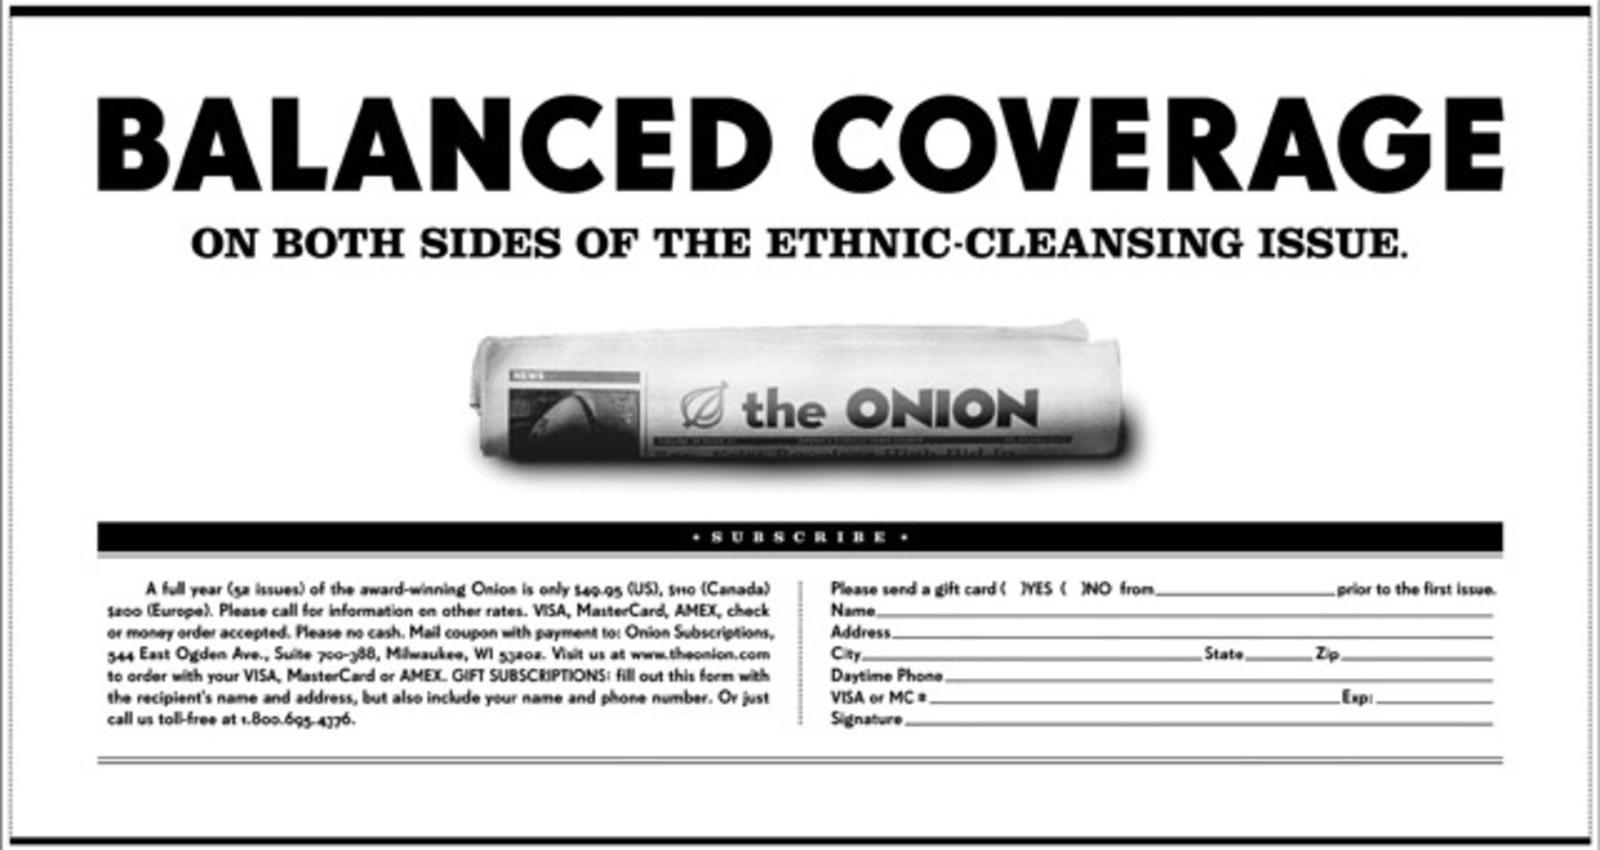 The Onion Campaign